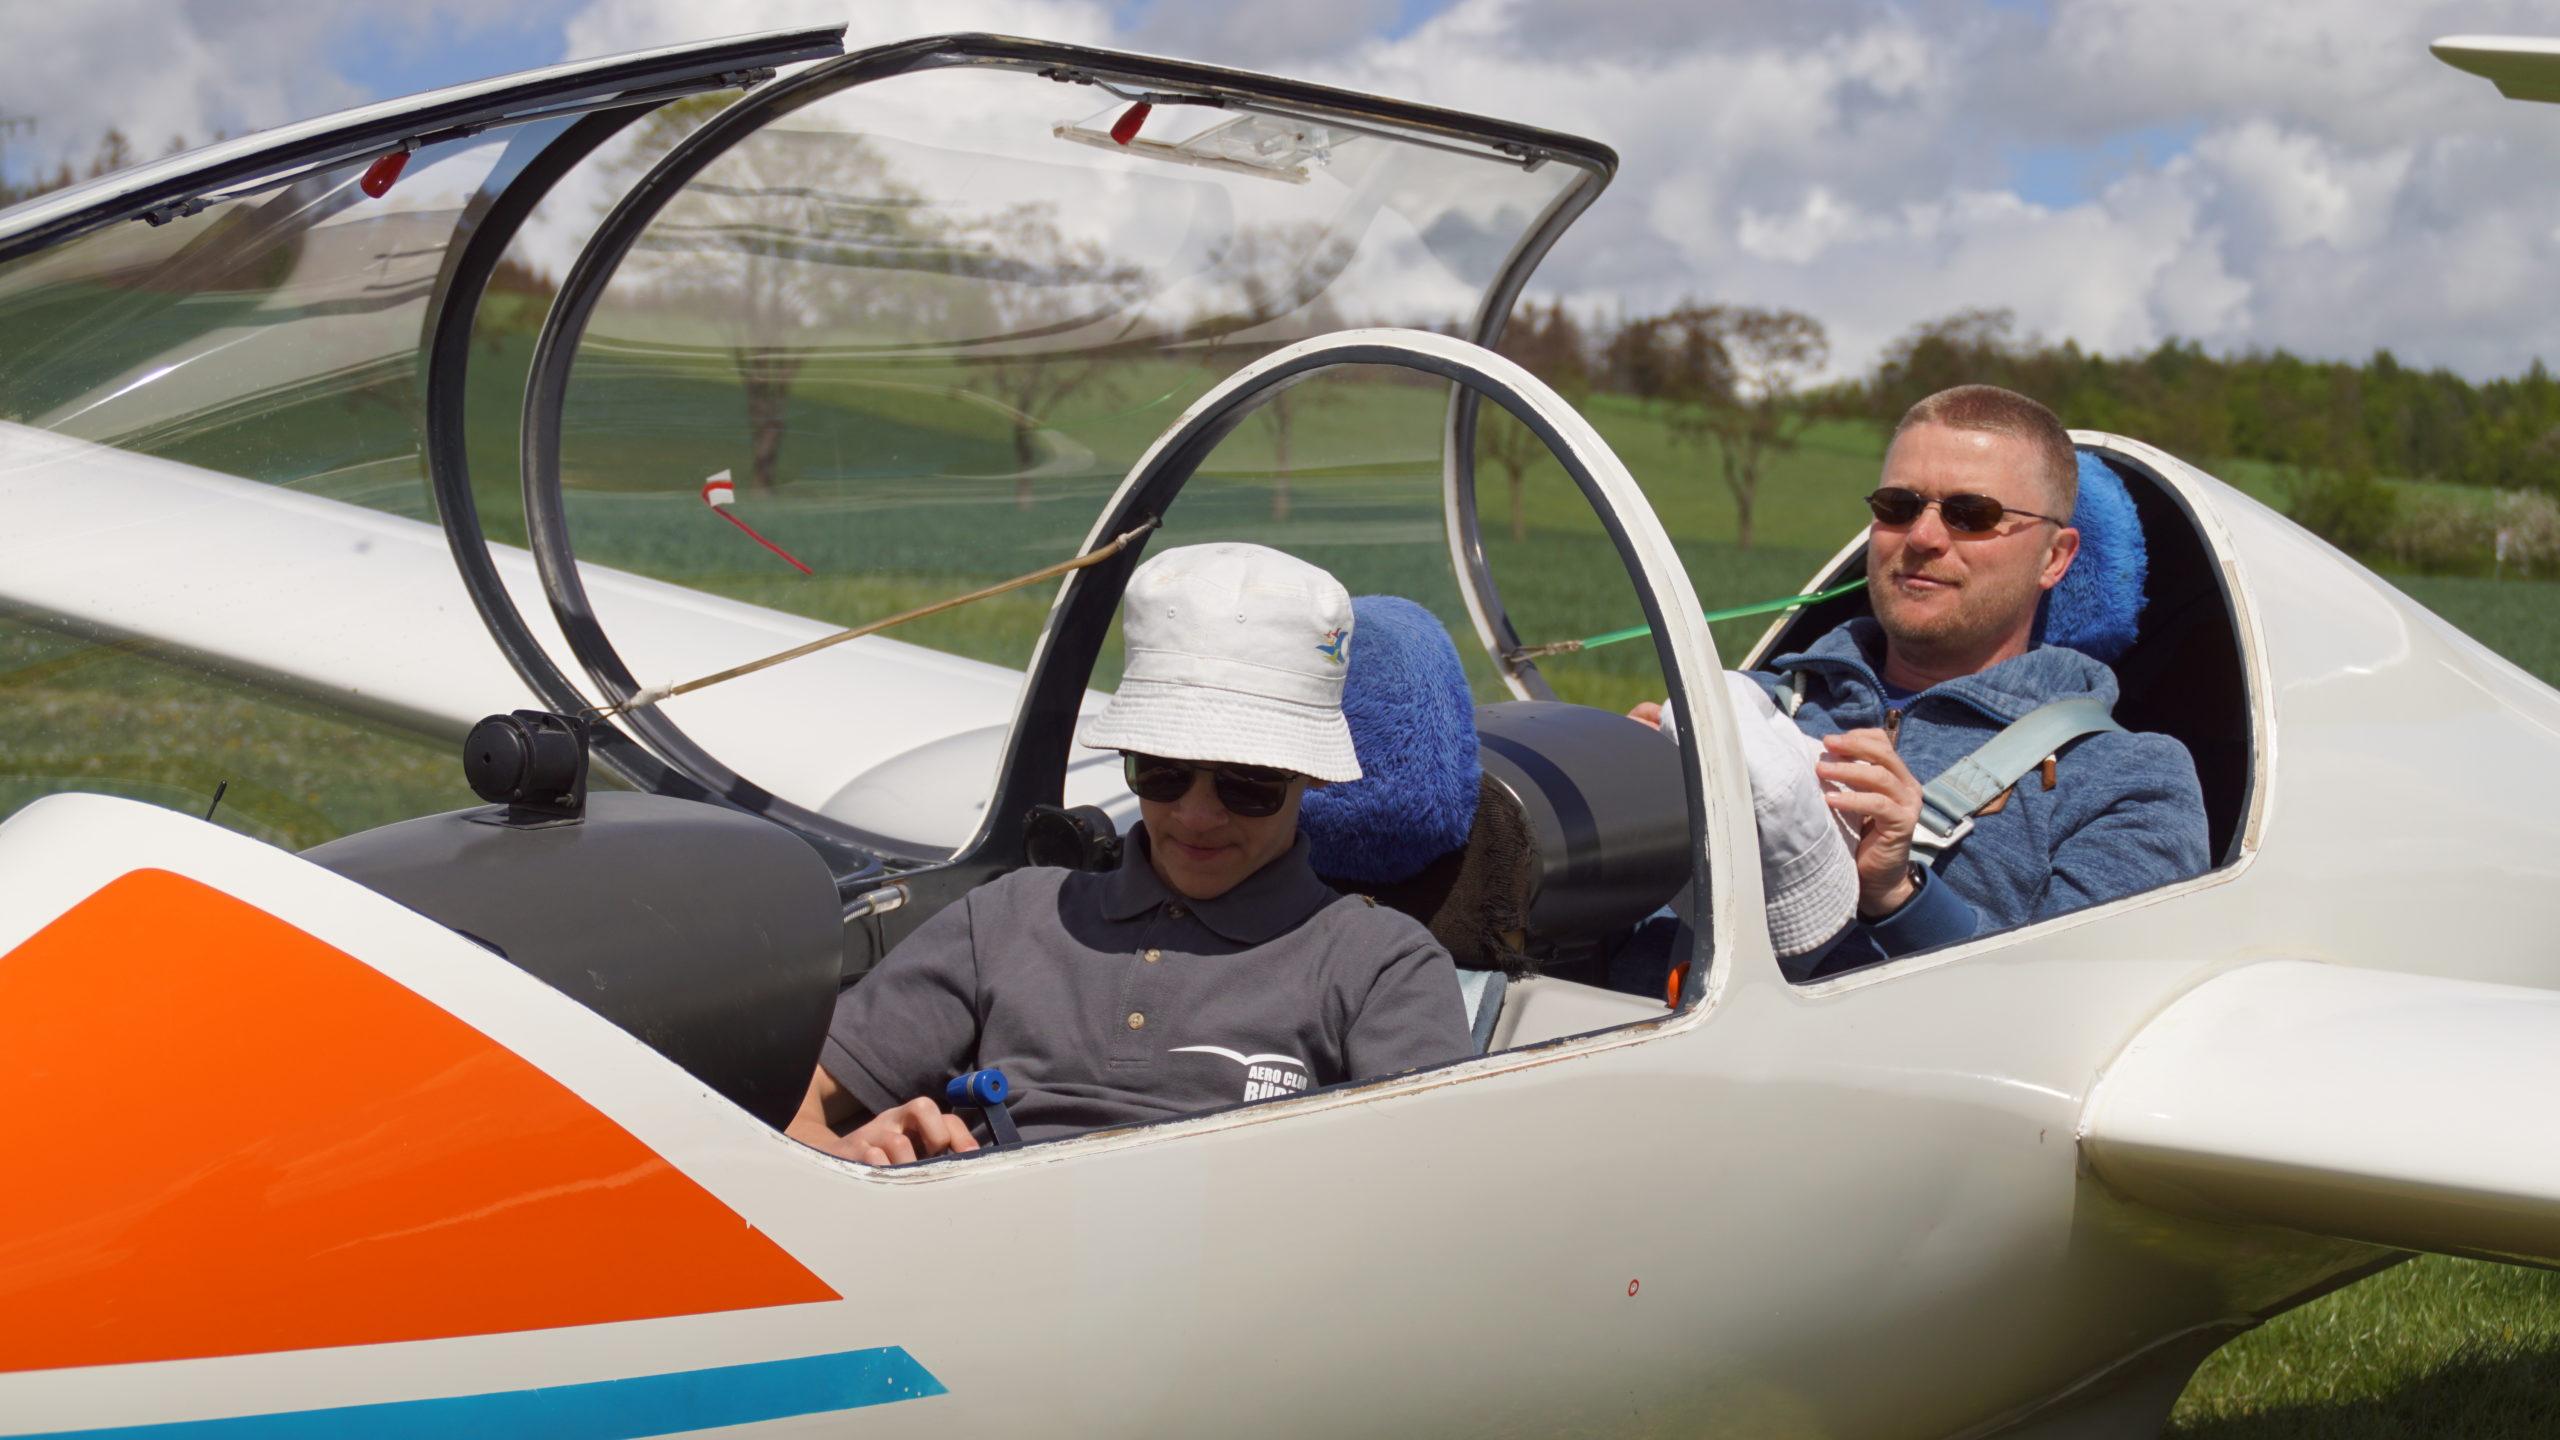 Fluglehrer und Flugschüler bei den Vorbereitungen